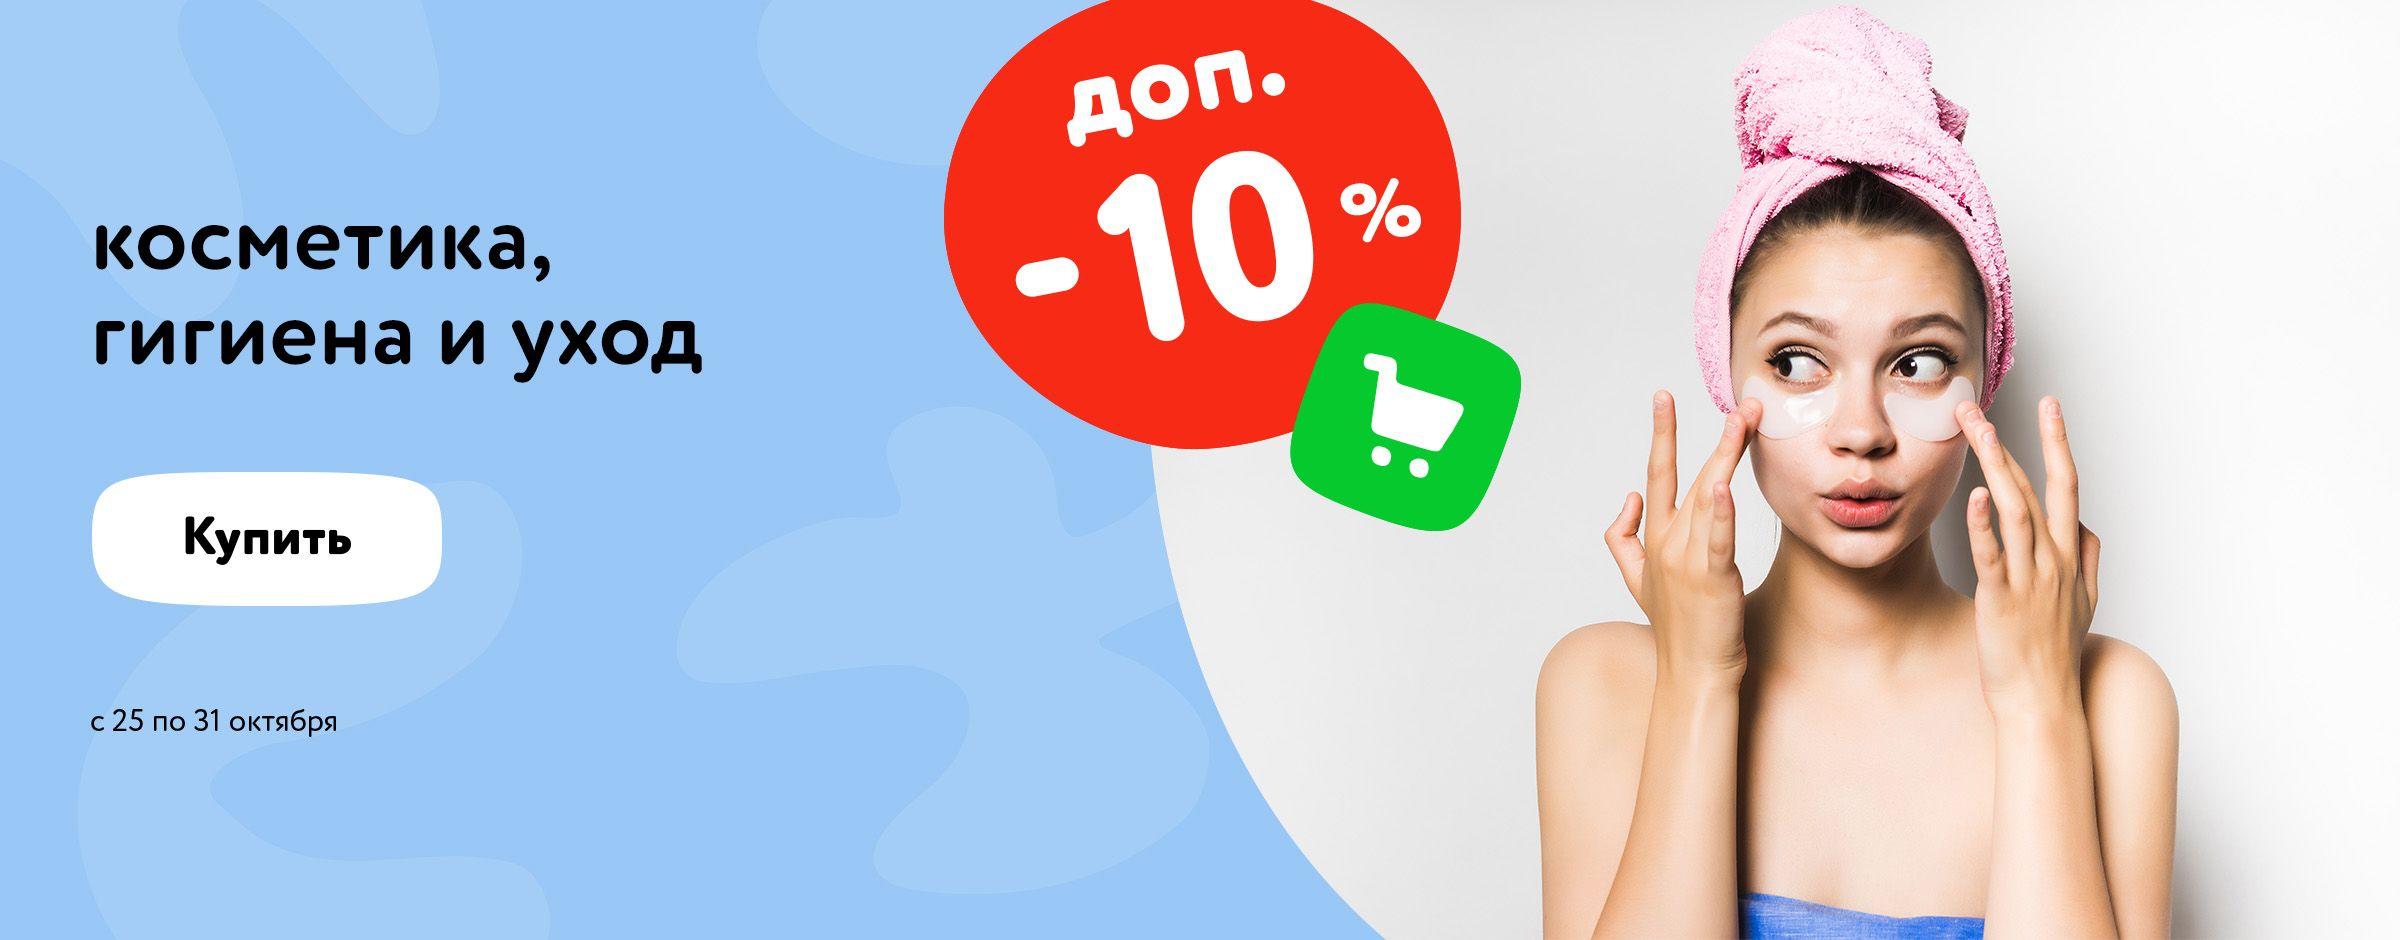 Скидка 10% на косметику, товары для гигиены и ухода в корзине